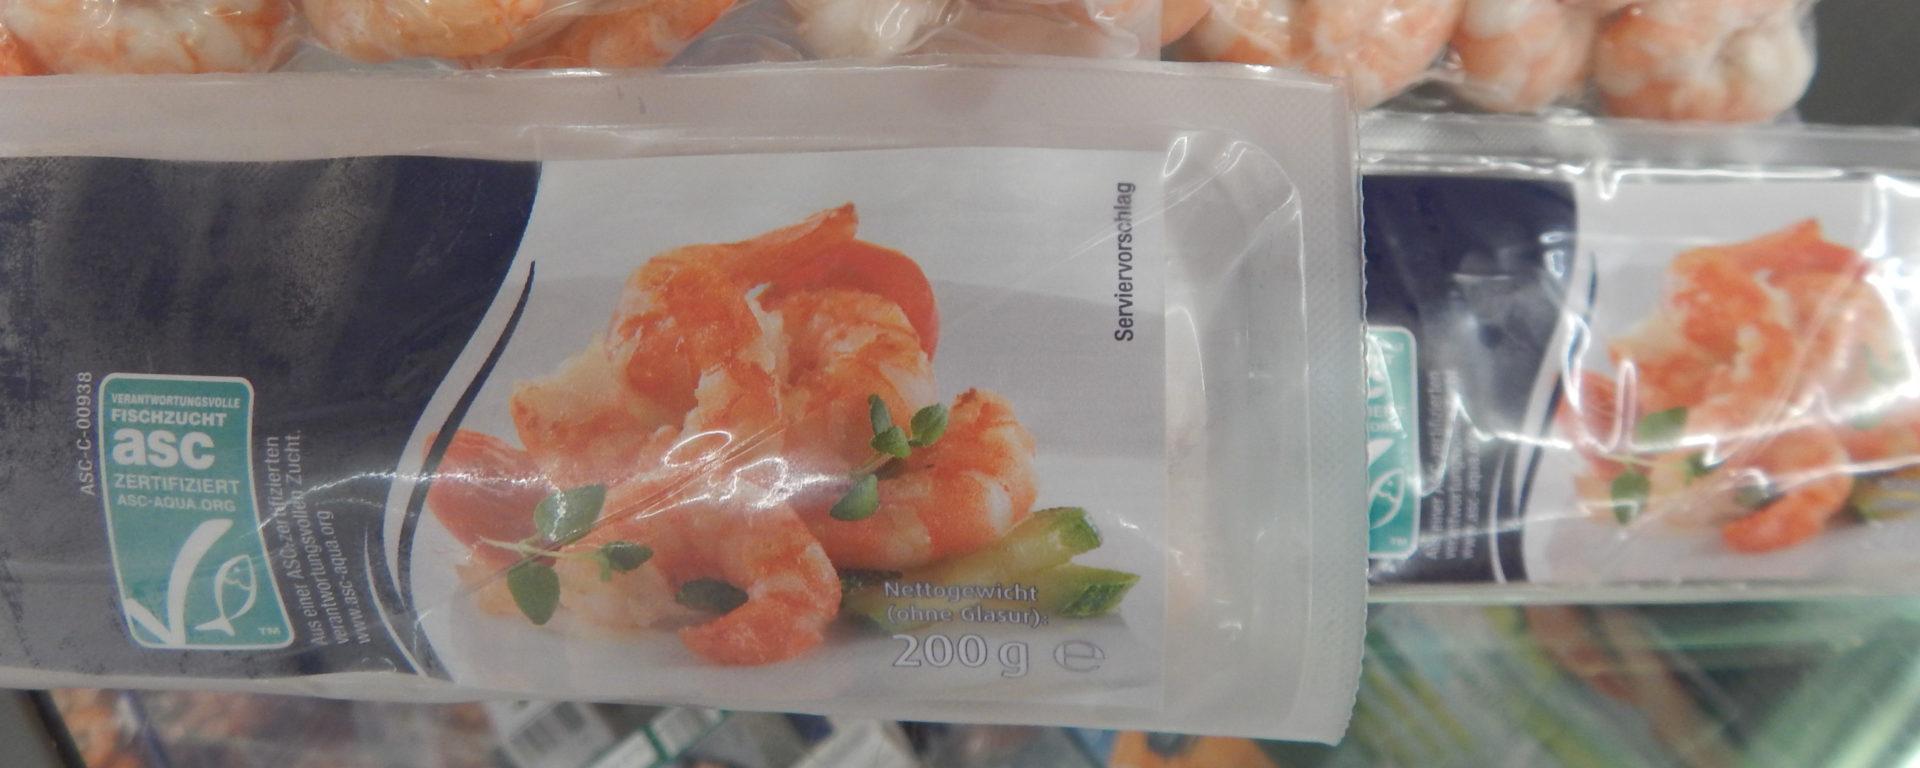 Weit gereist: ASC-zertifizierte Garnelen aus Vietnam in einem deutschen Supermarkt © Anett Keller